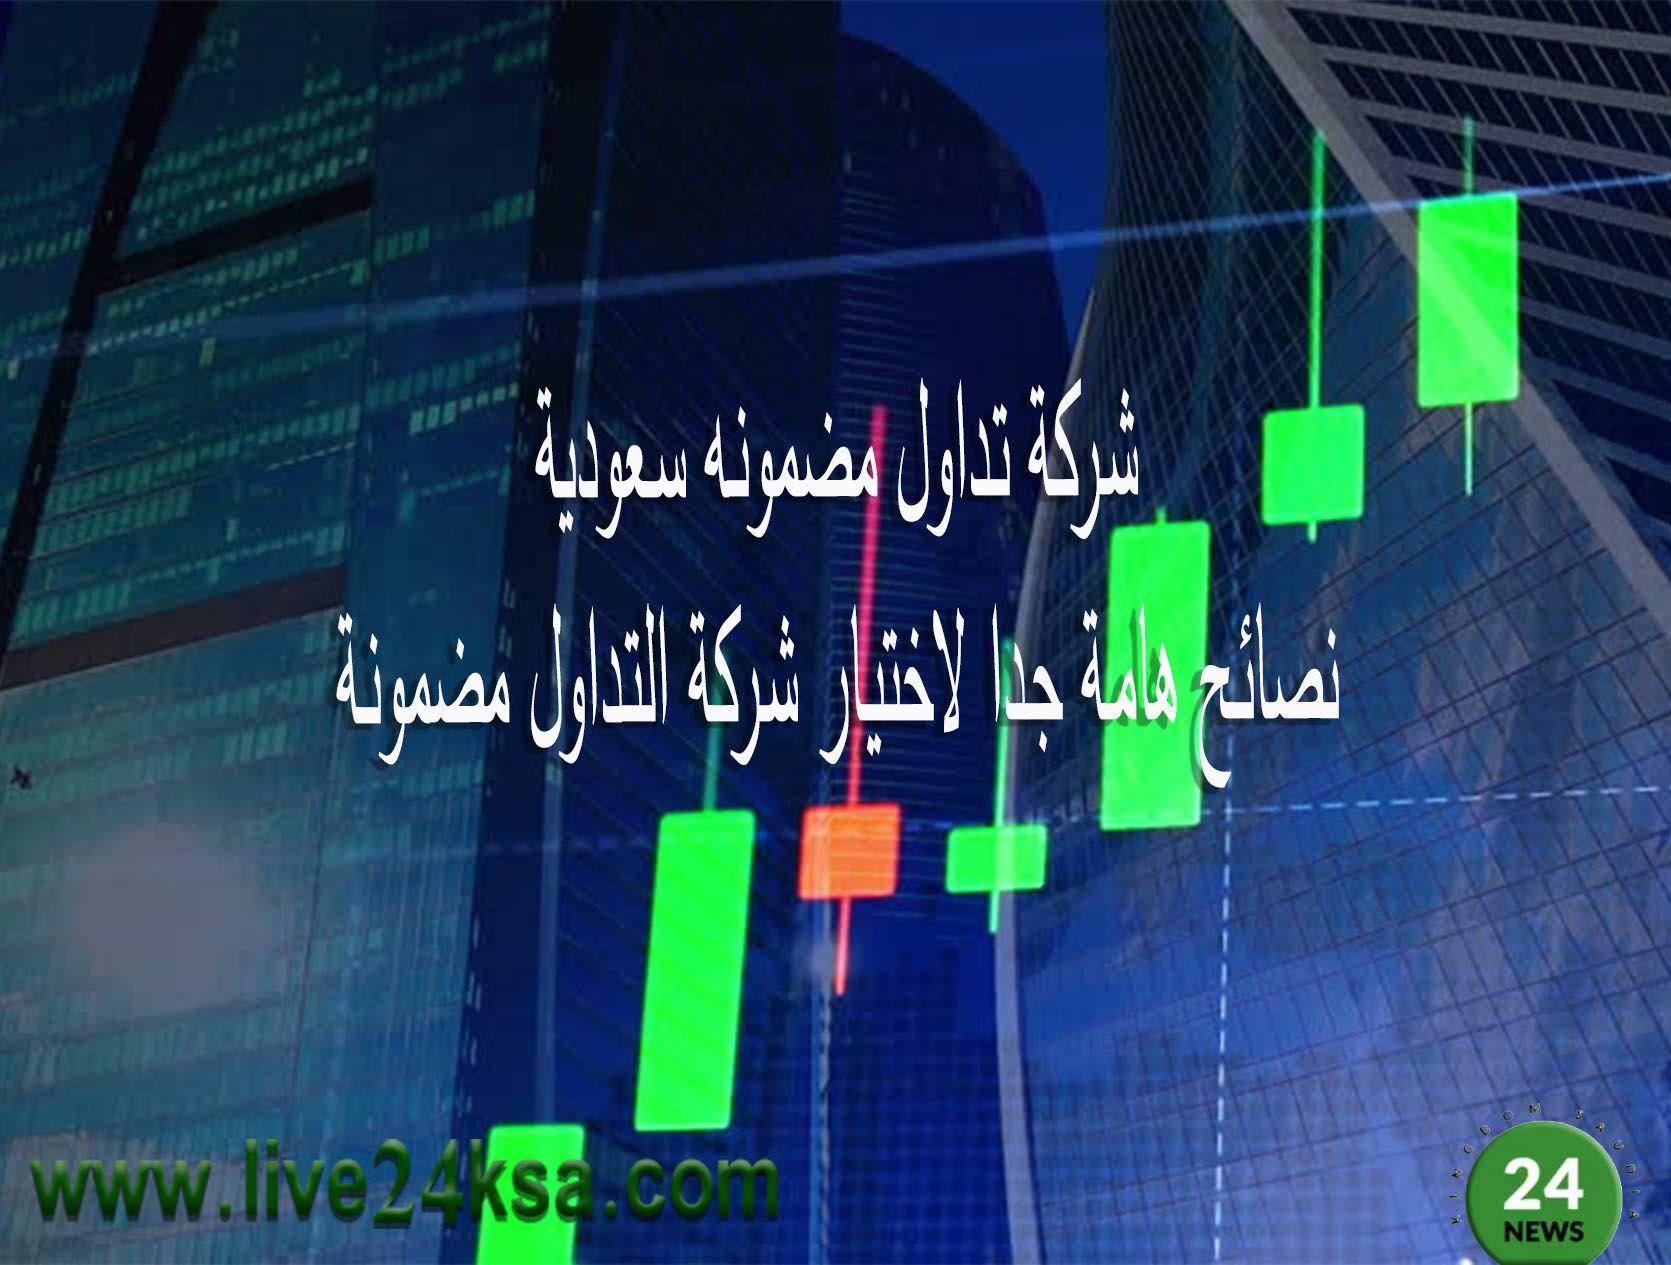 شركة تداول مضمونه سعودية نصائح هامة جدا لاختيار شركة التداول مضمونة Neon Signs Trading